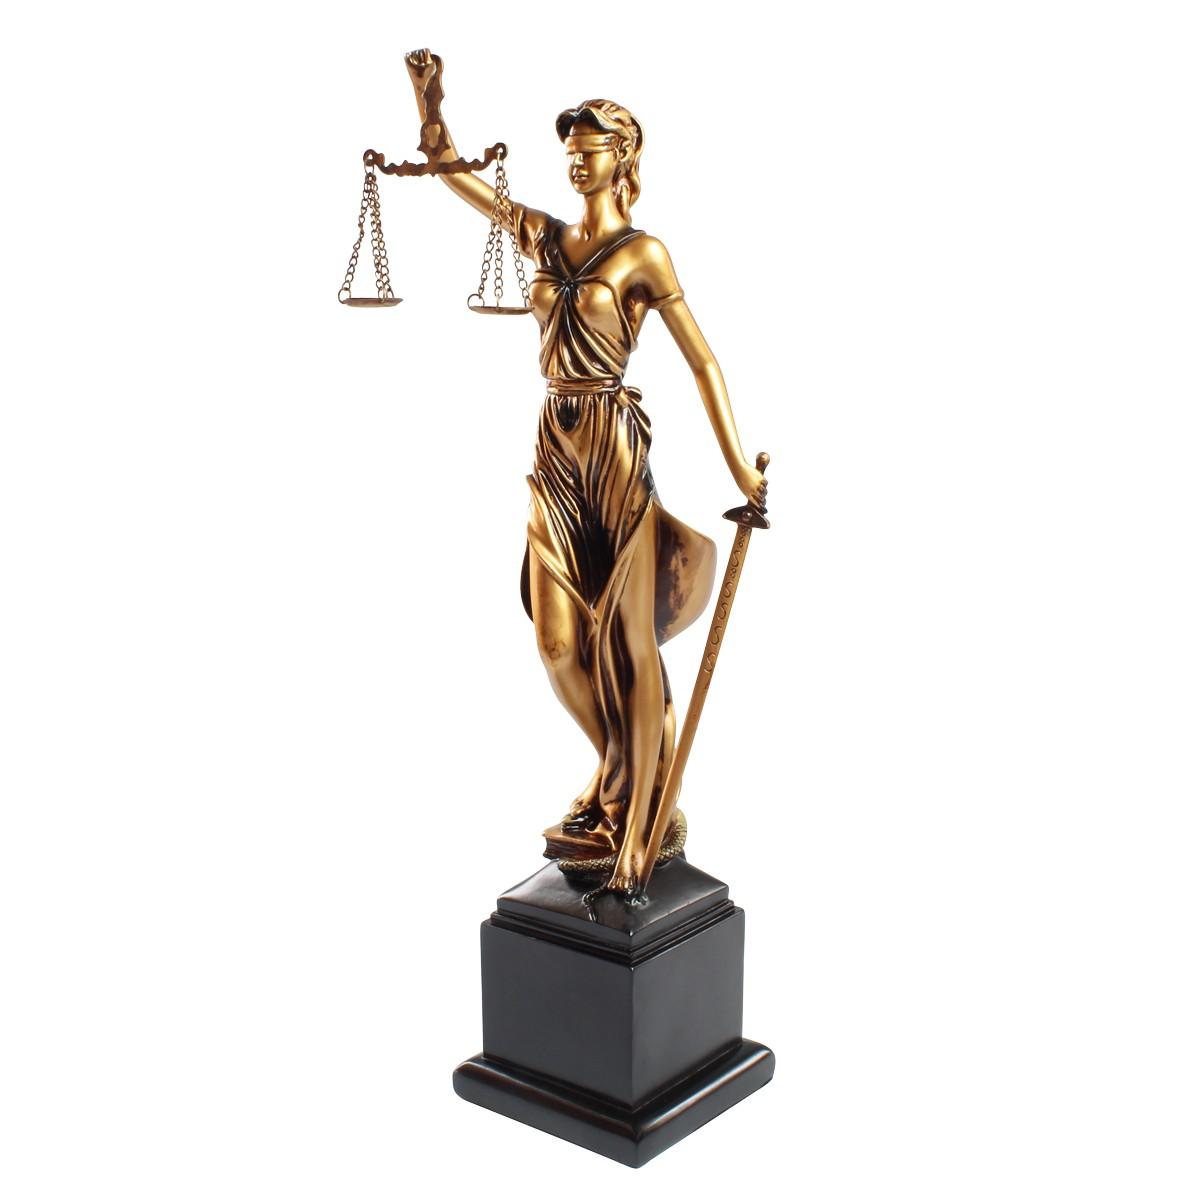 Estátua Deusa Têmis 46 cm Dama Da Justiça Símbolo Do Direito